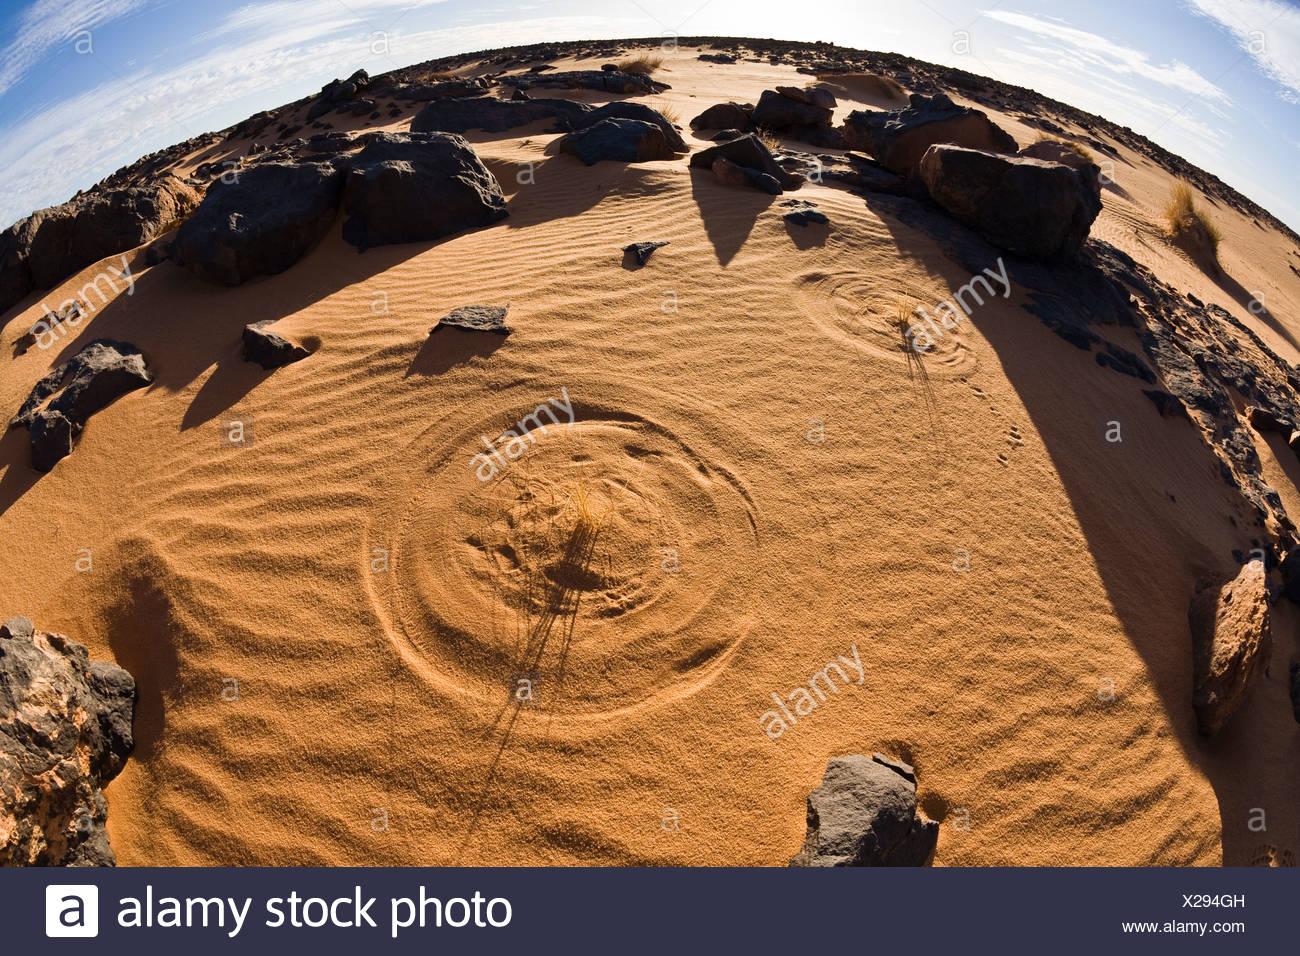 Brins d'herbe le dessin des cercles dans le sable, désert, désert de pierre noire, la Libye, l'Afrique Banque D'Images